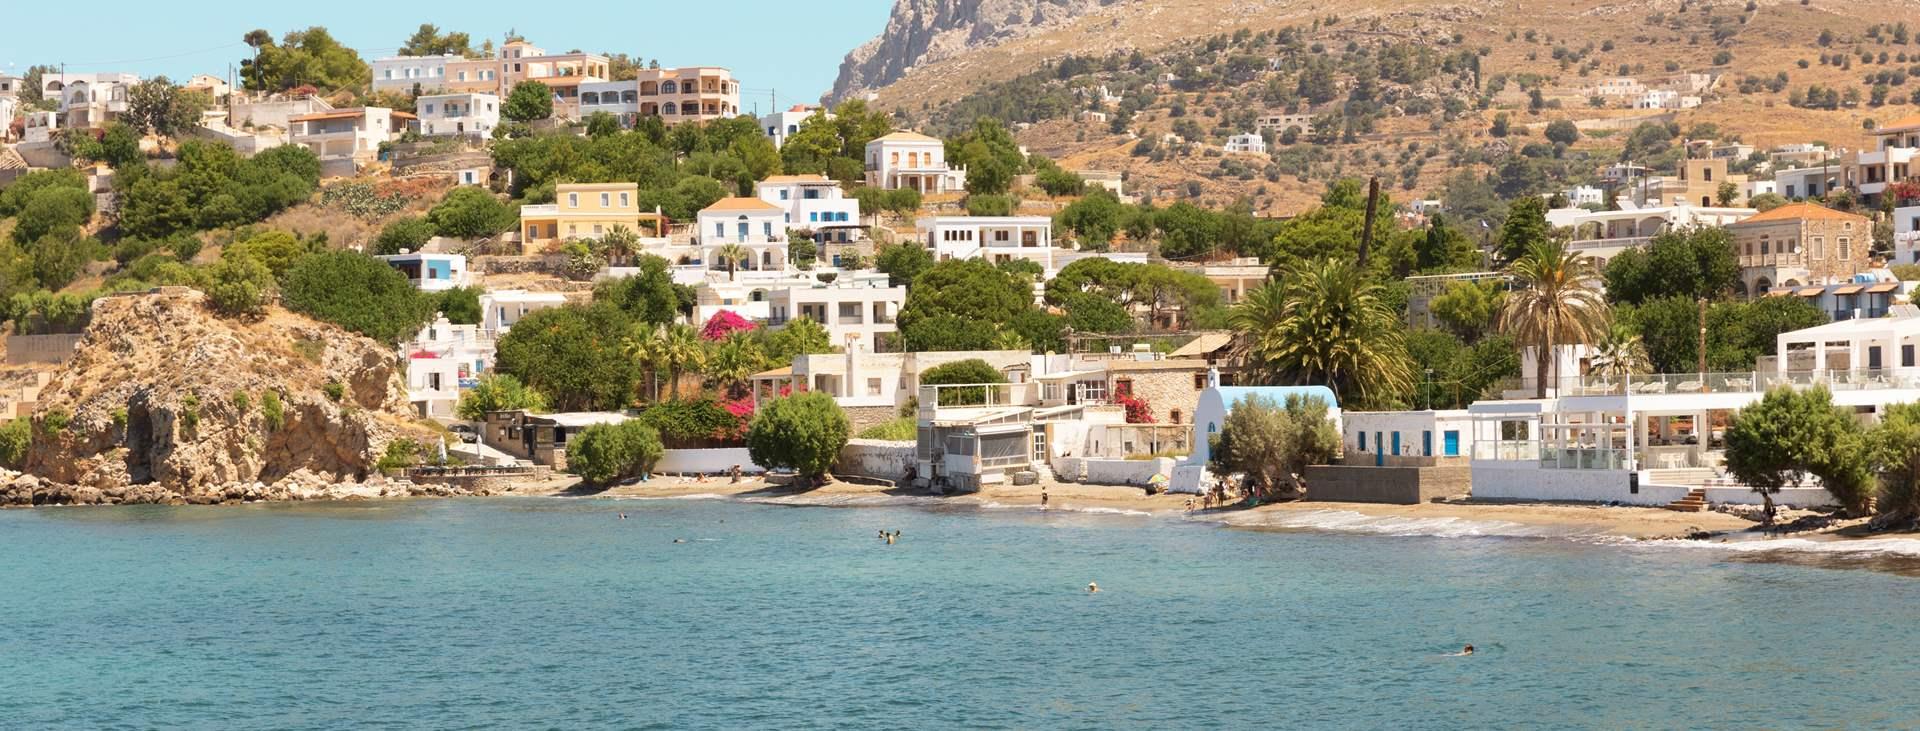 Boka din resa till Kantouni i Grekland med Ving